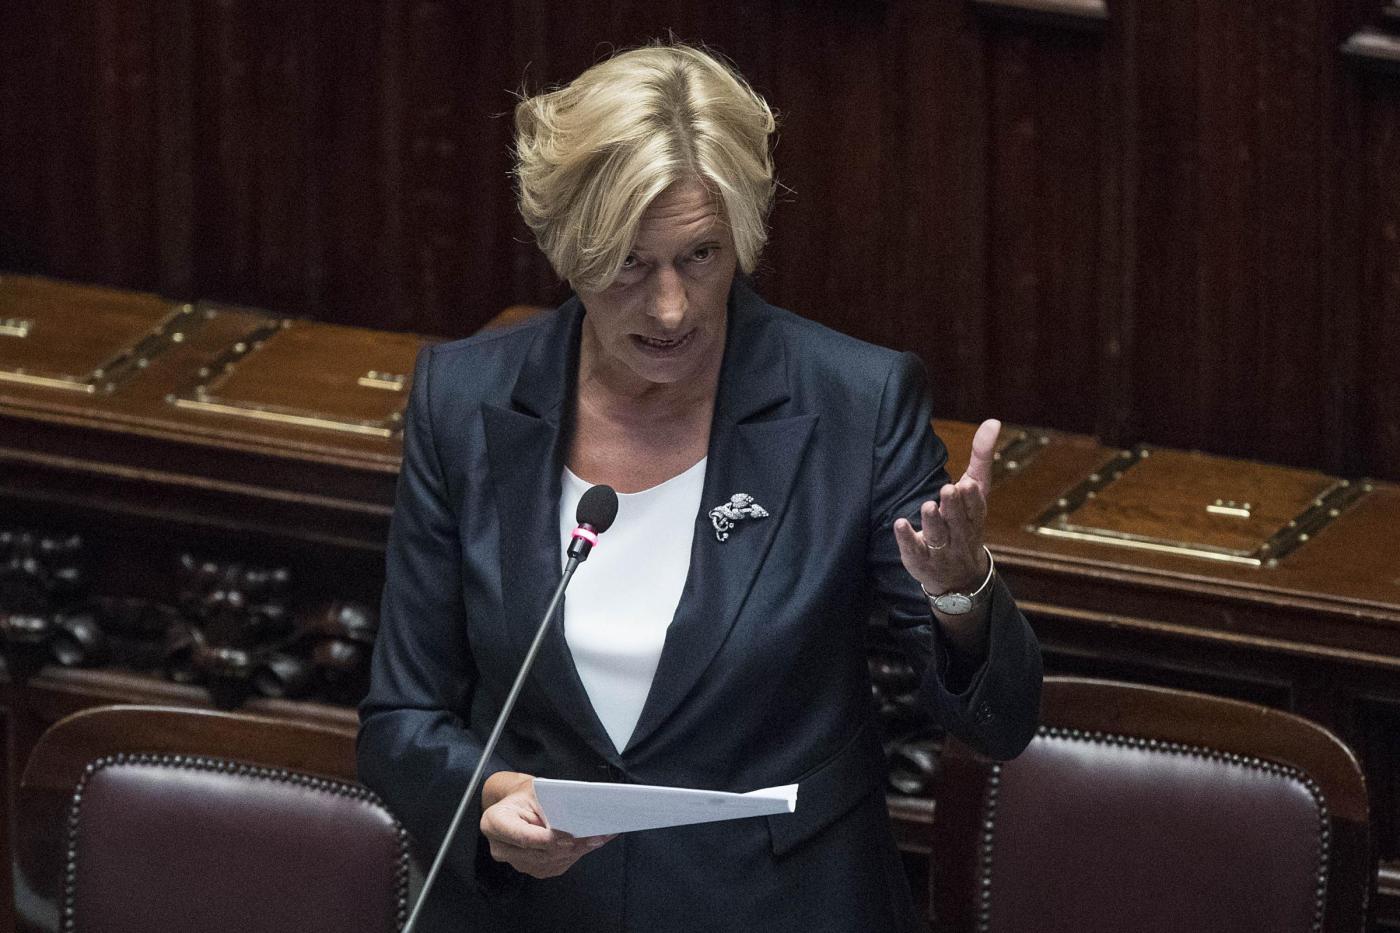 Roma, Il ministro Pinotti riferisce alla Camera sull'impegno dell'Italia in Libia